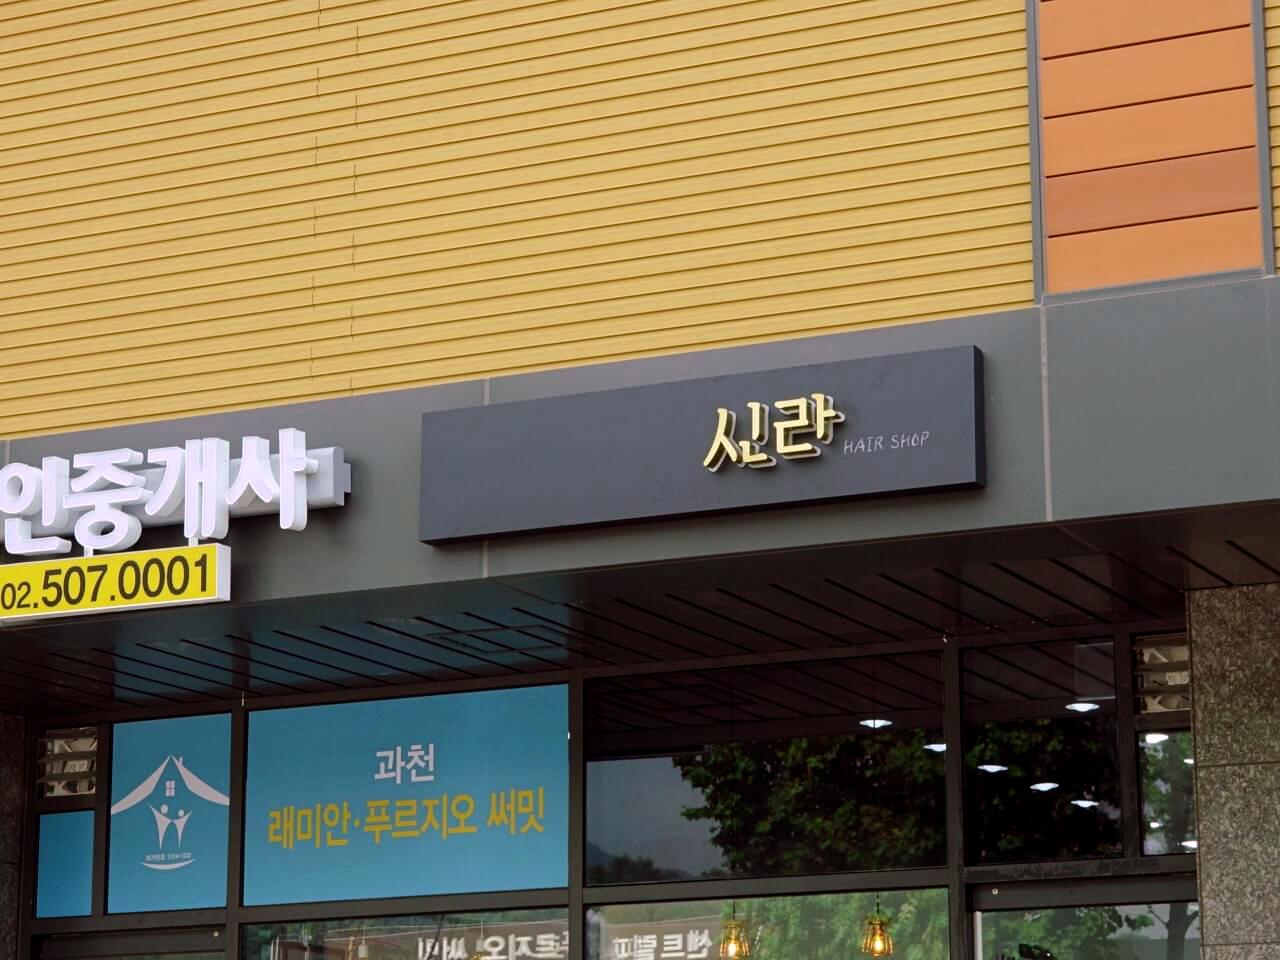 과천 별양동 '신라 미용실' 간판 시공